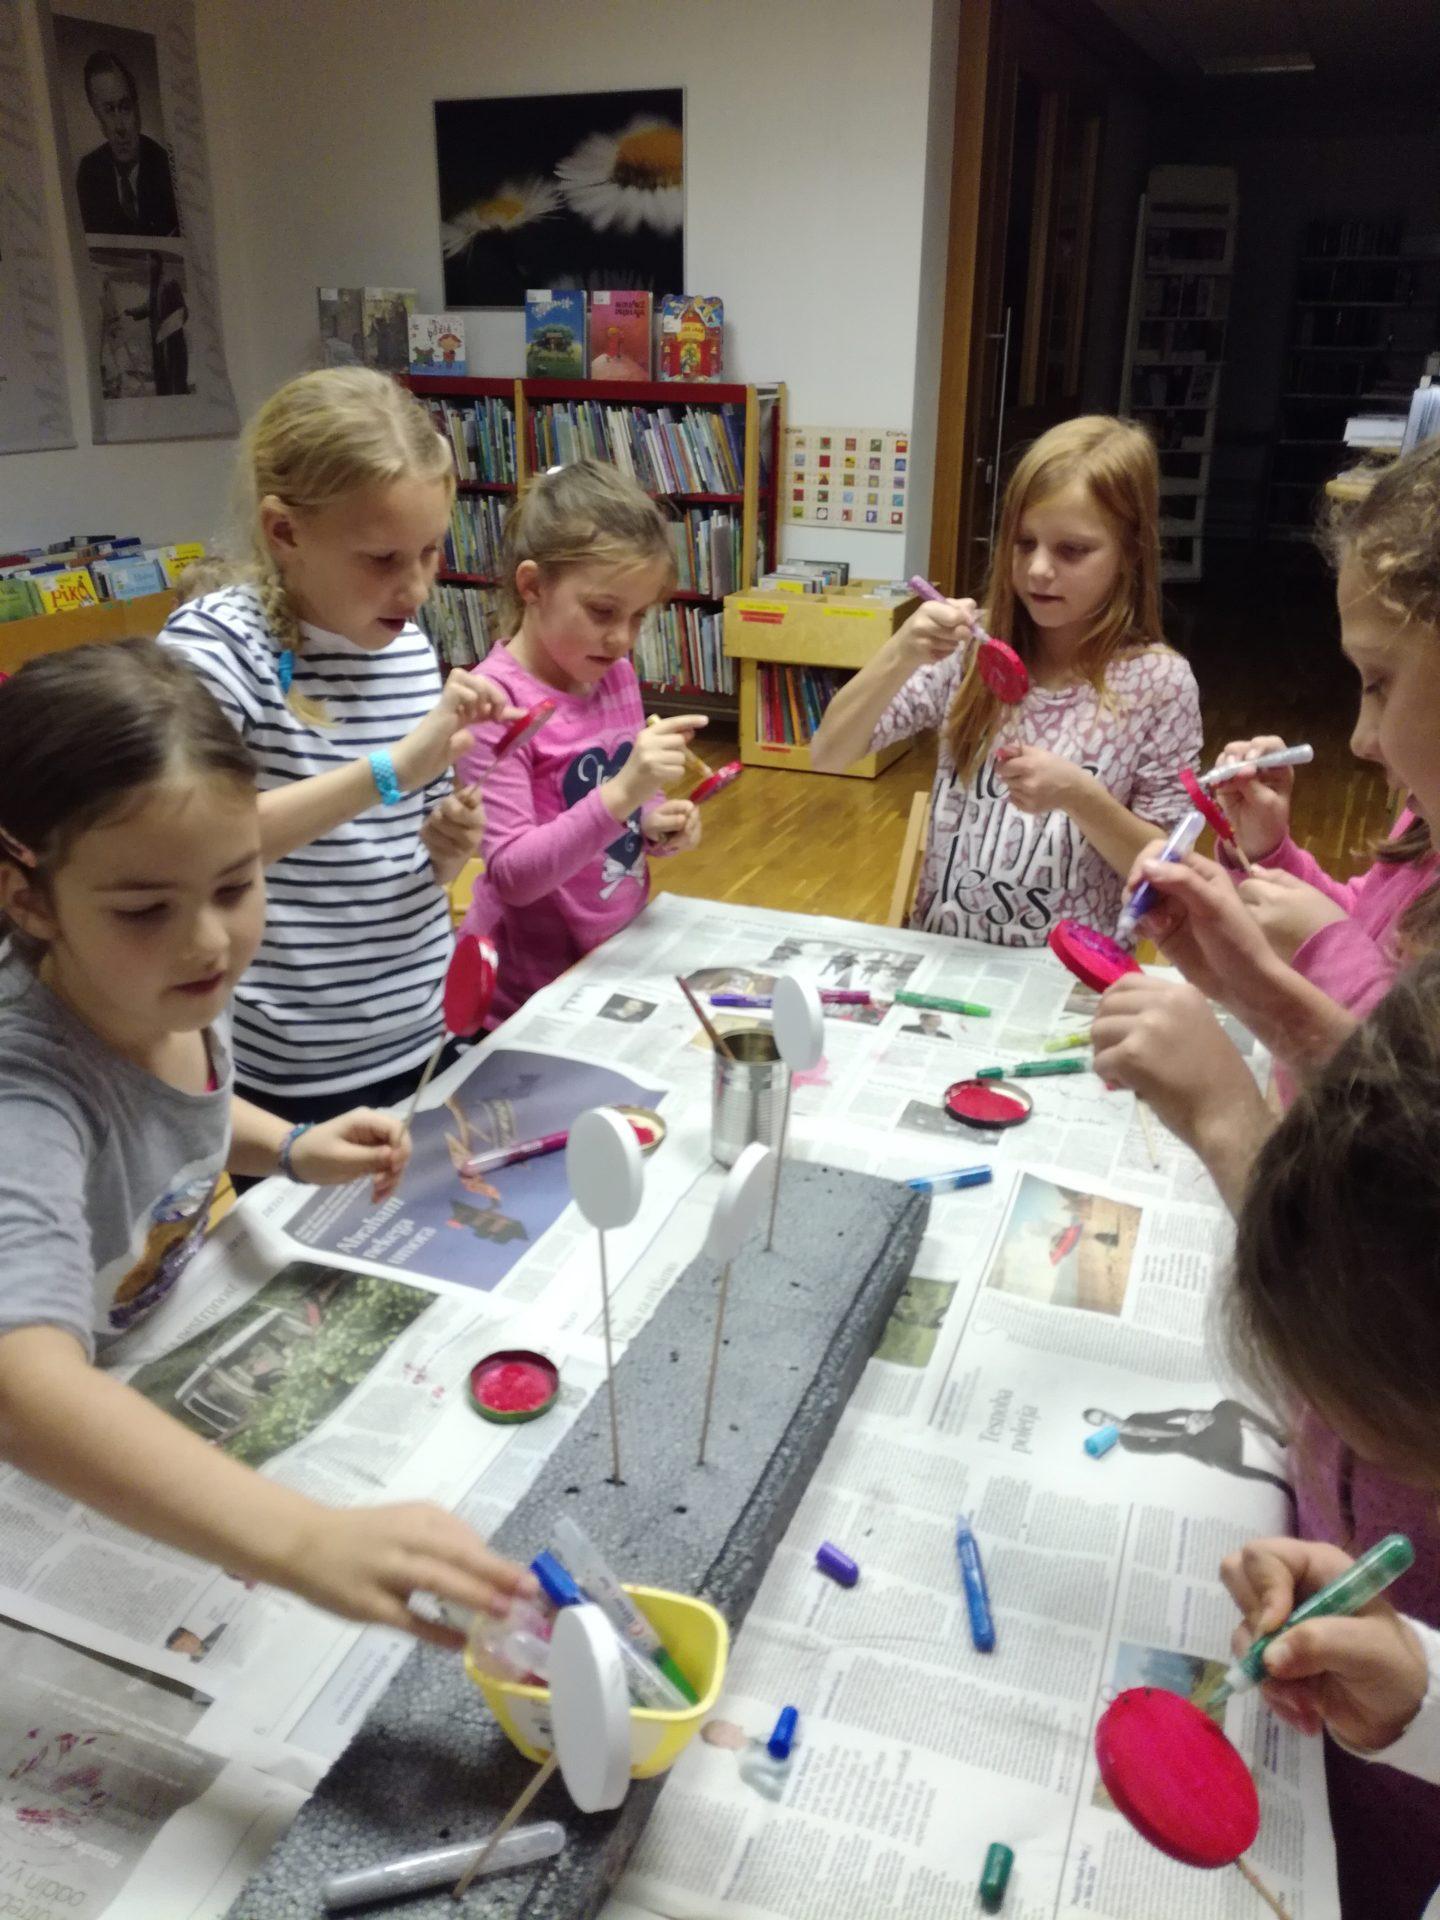 IMG 20191209 190130 - Pravljična urica in ustvarjalna delavnica za otroke od 4. leta dalje